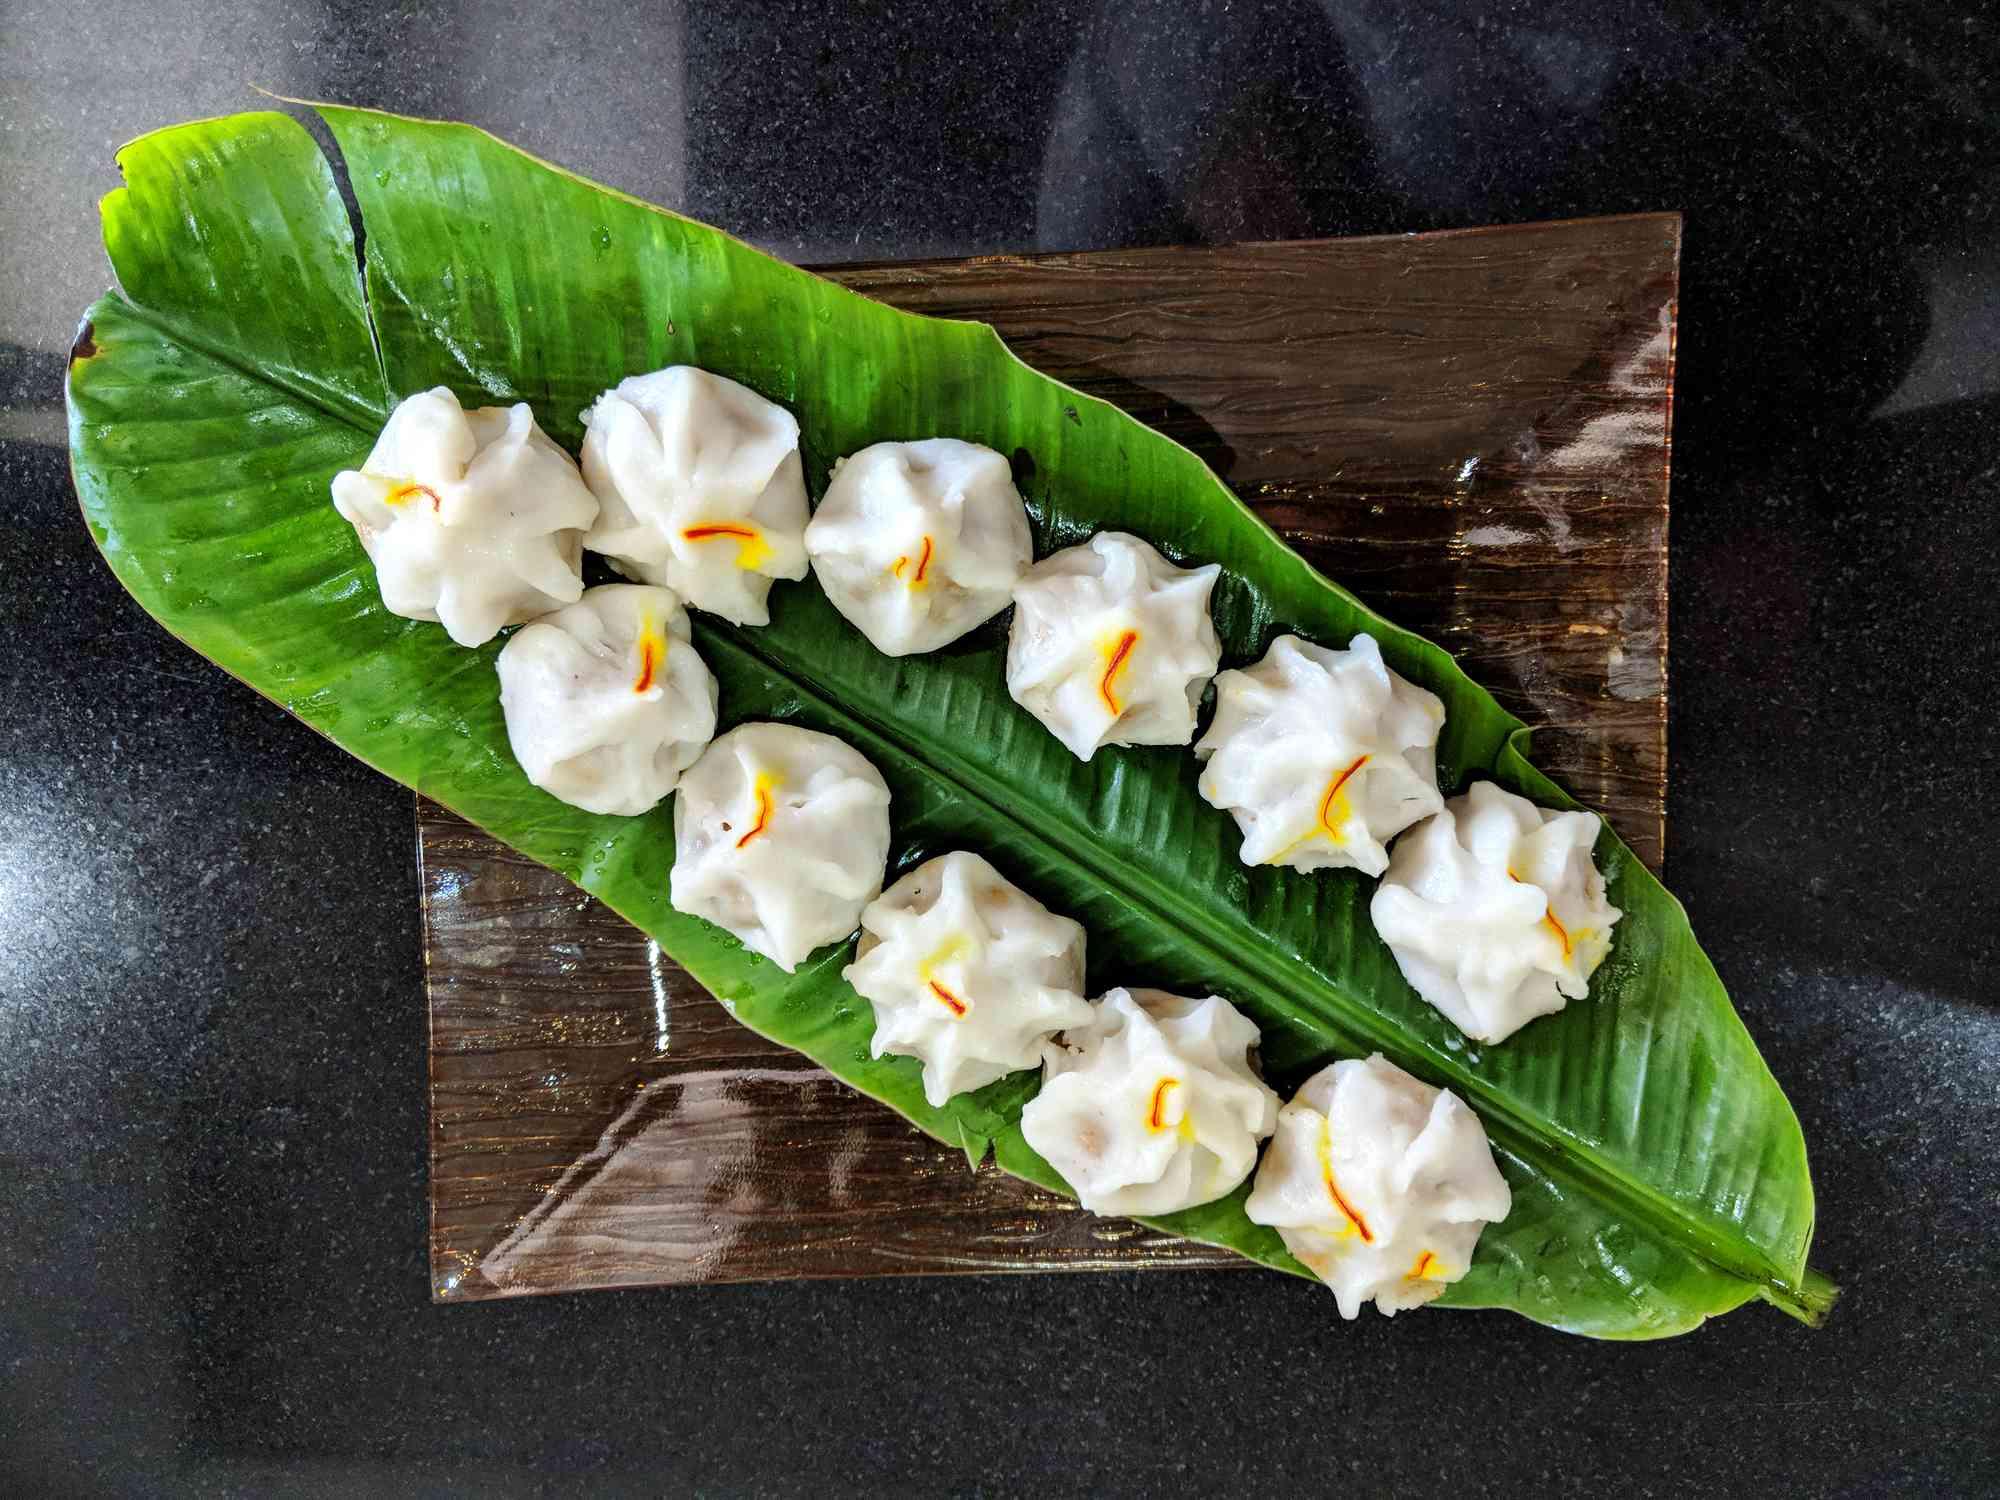 Modak a sweet Indian dumpling